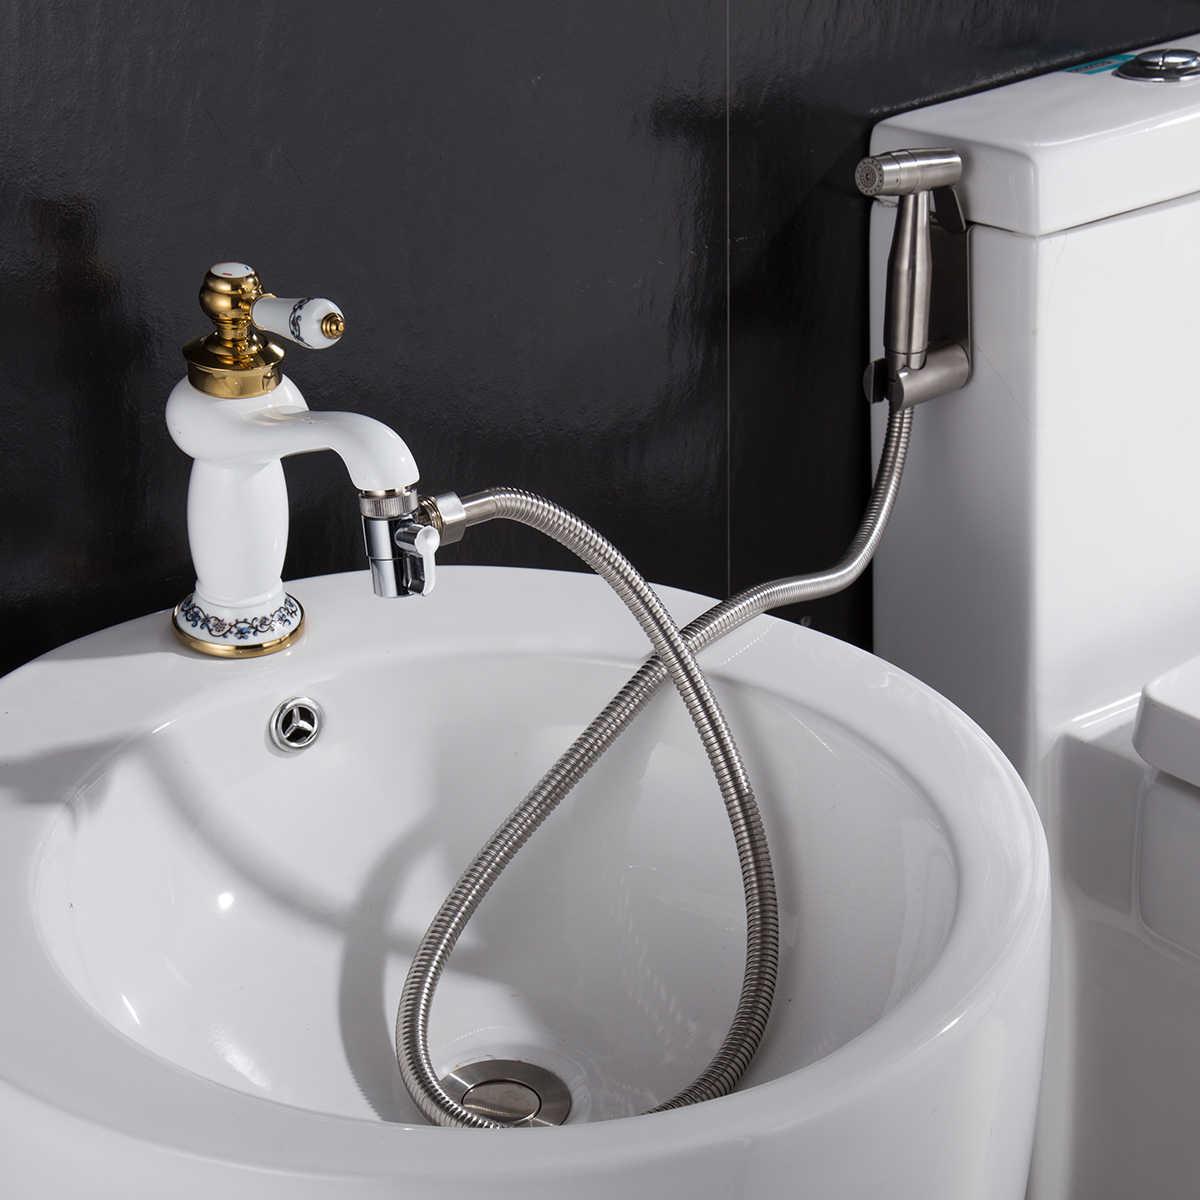 Brass Sink Faucet Diverter Valve To Sink Hose Sprayer Faucet Splitter For Kitchen Sink Faucet Replacement Part M22 X M24 Kitchen Faucet Valve Faucet Valvefaucet Accessories Aliexpress